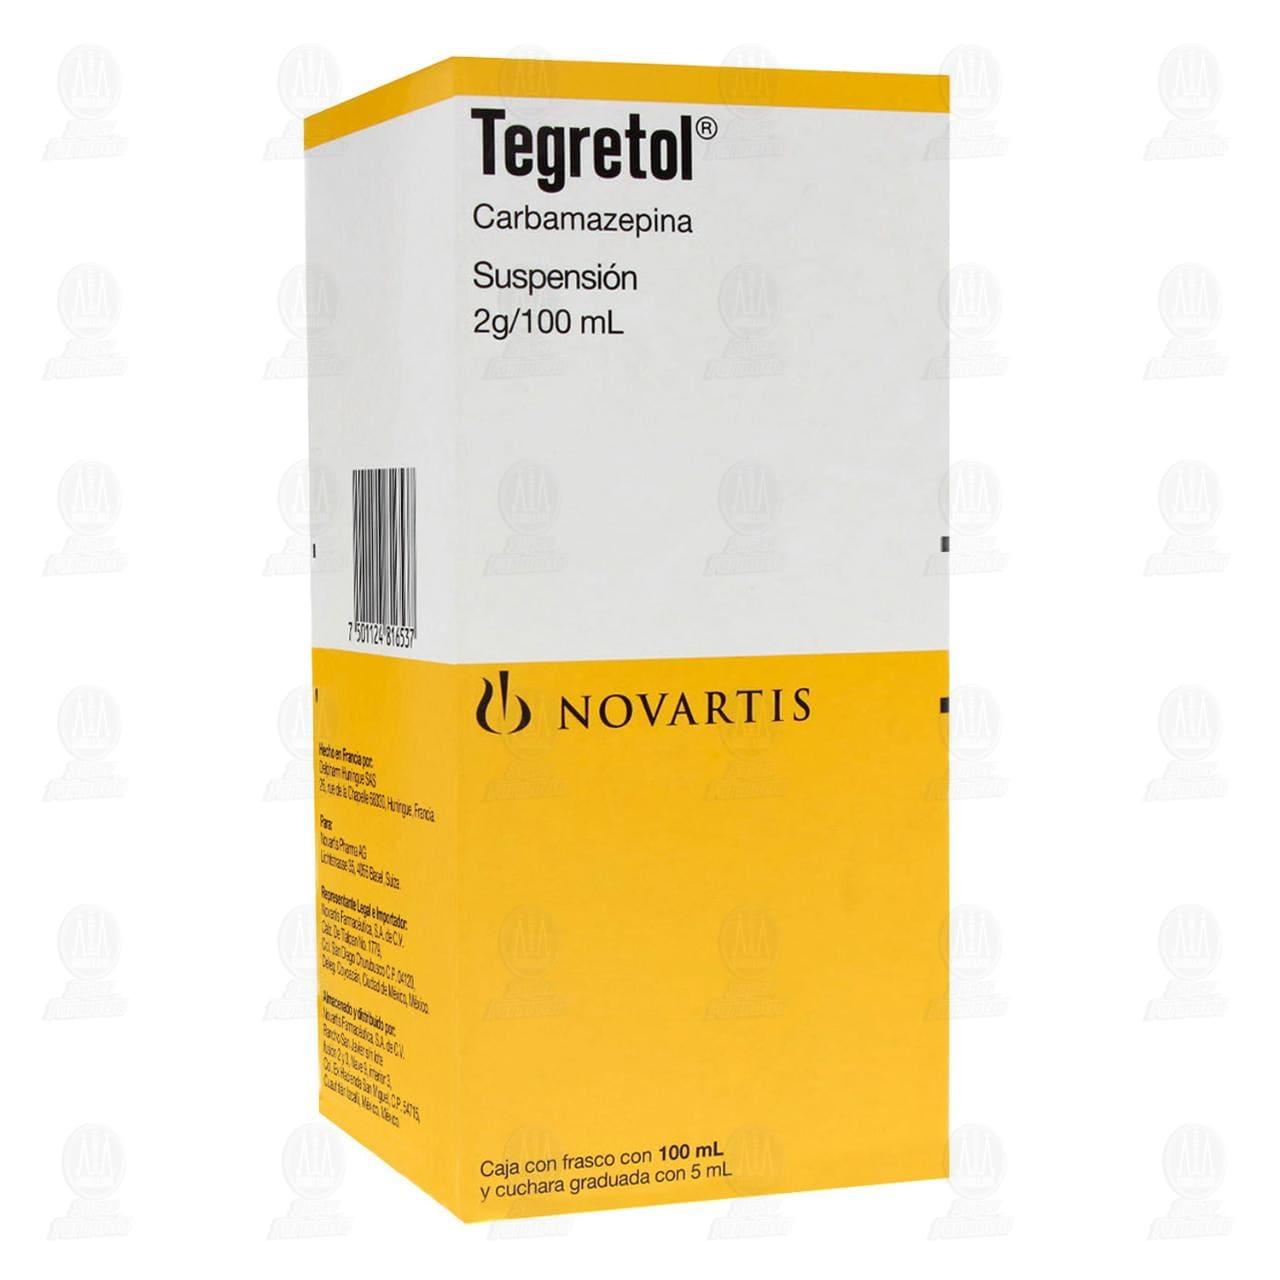 Comprar Tegretol Suspensión 2gr/100ml en Farmacias Guadalajara